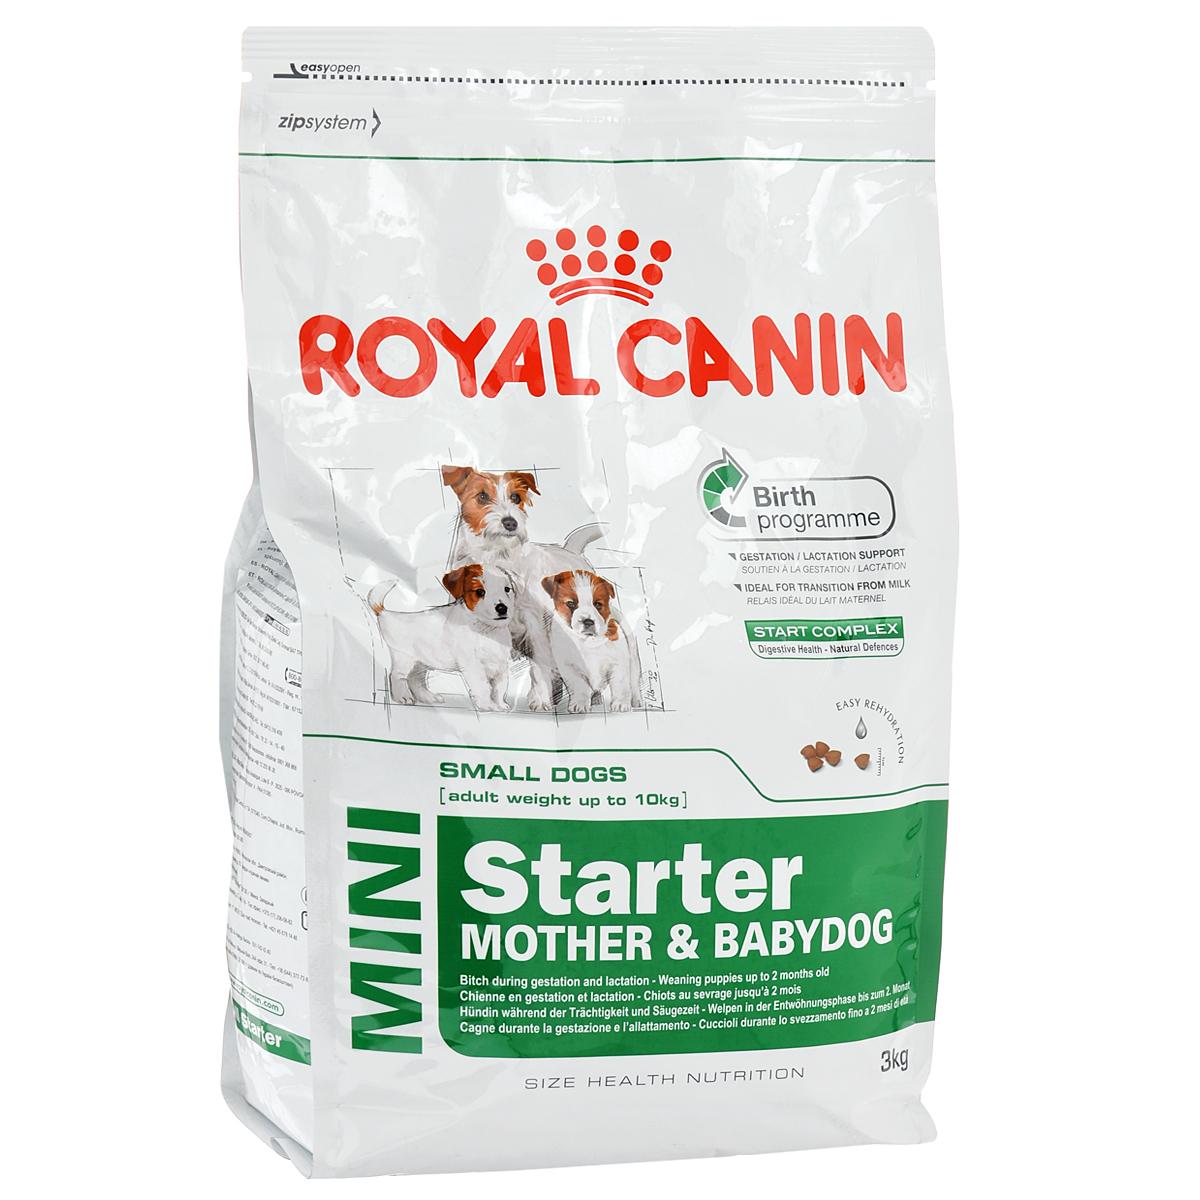 Корм сухой Royal Canin Mini Starter, для щенков и кормящих собак мелких пород, 3 кг сухой корм royal canin mini dermacomfort дл собак мелких пород склонных к кожным раздраженим и зуду 2кг 380020